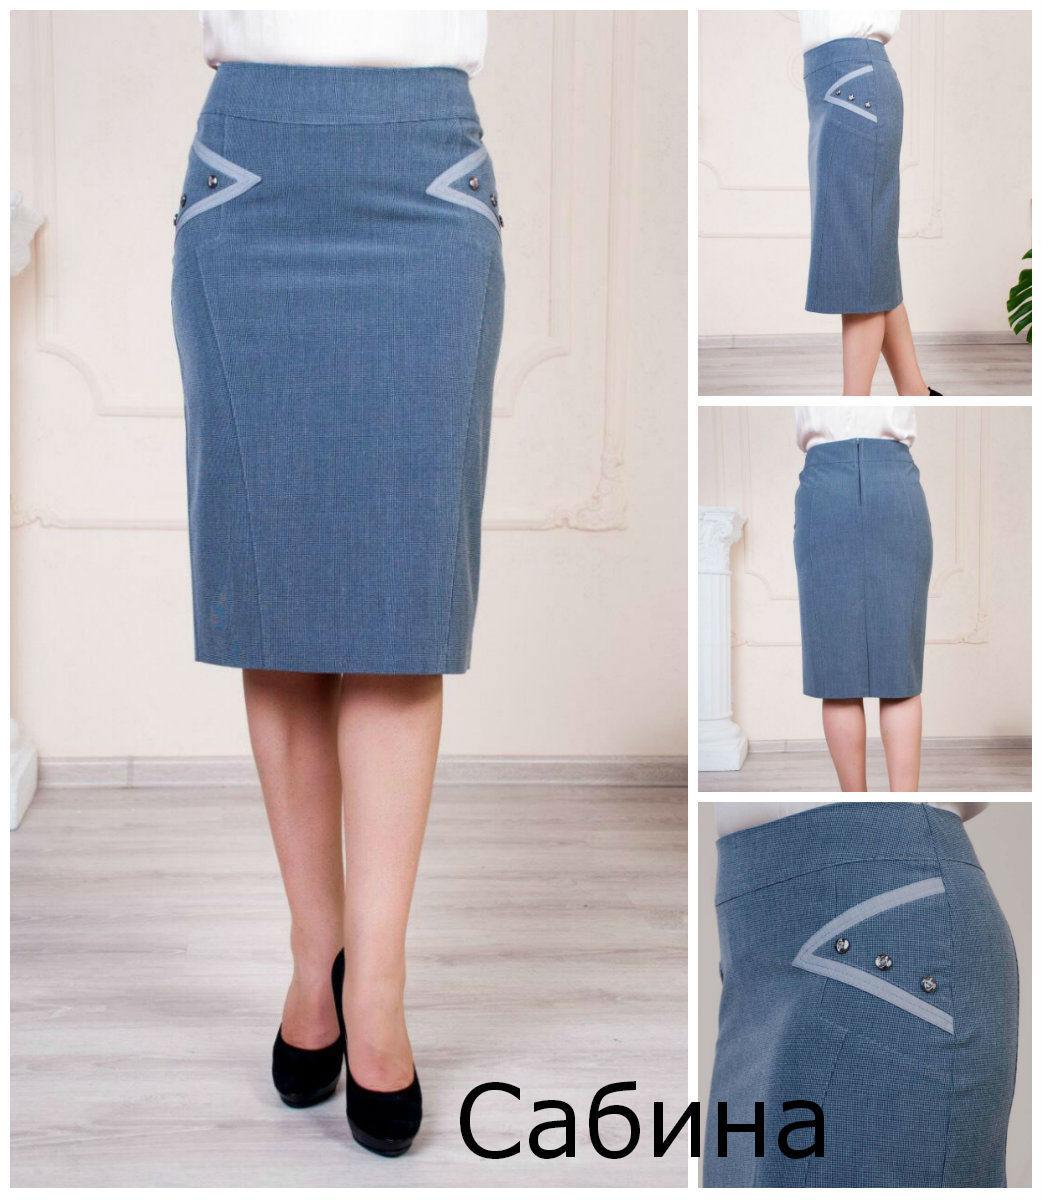 Женская юбка карандаш Сабина, 48,50,52,54,56,58,60